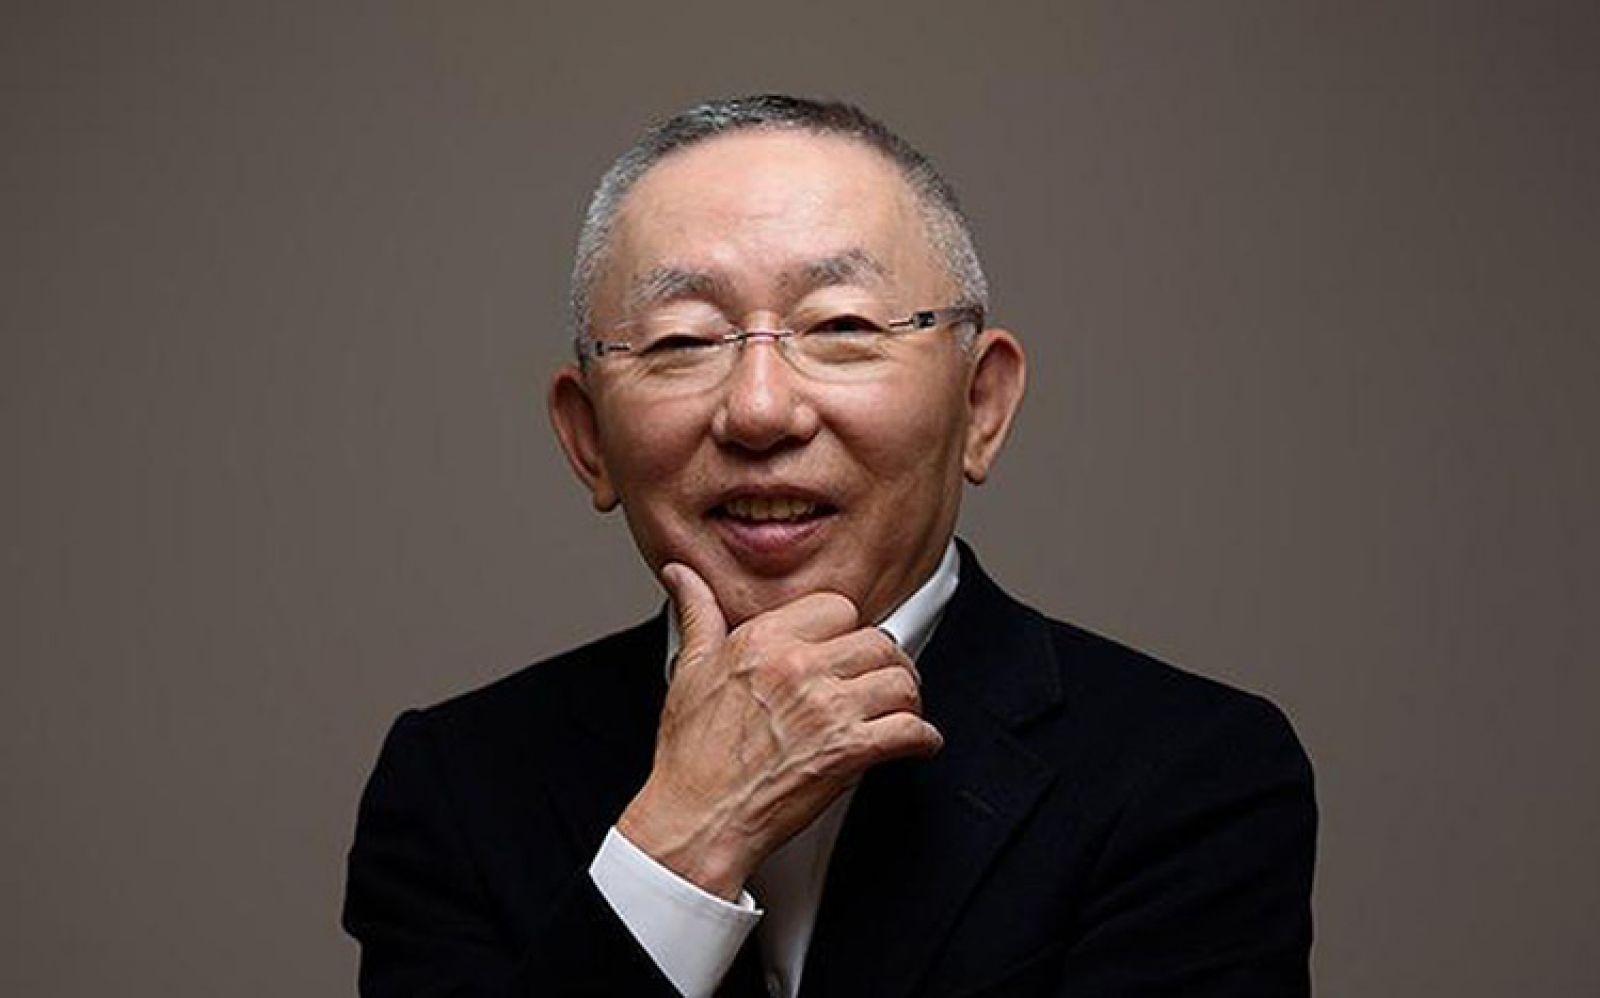 Tadashi Yanai - nhà sáng lập, CEO thương hiệu thời trang Uniqlo. Ảnh: Forbes